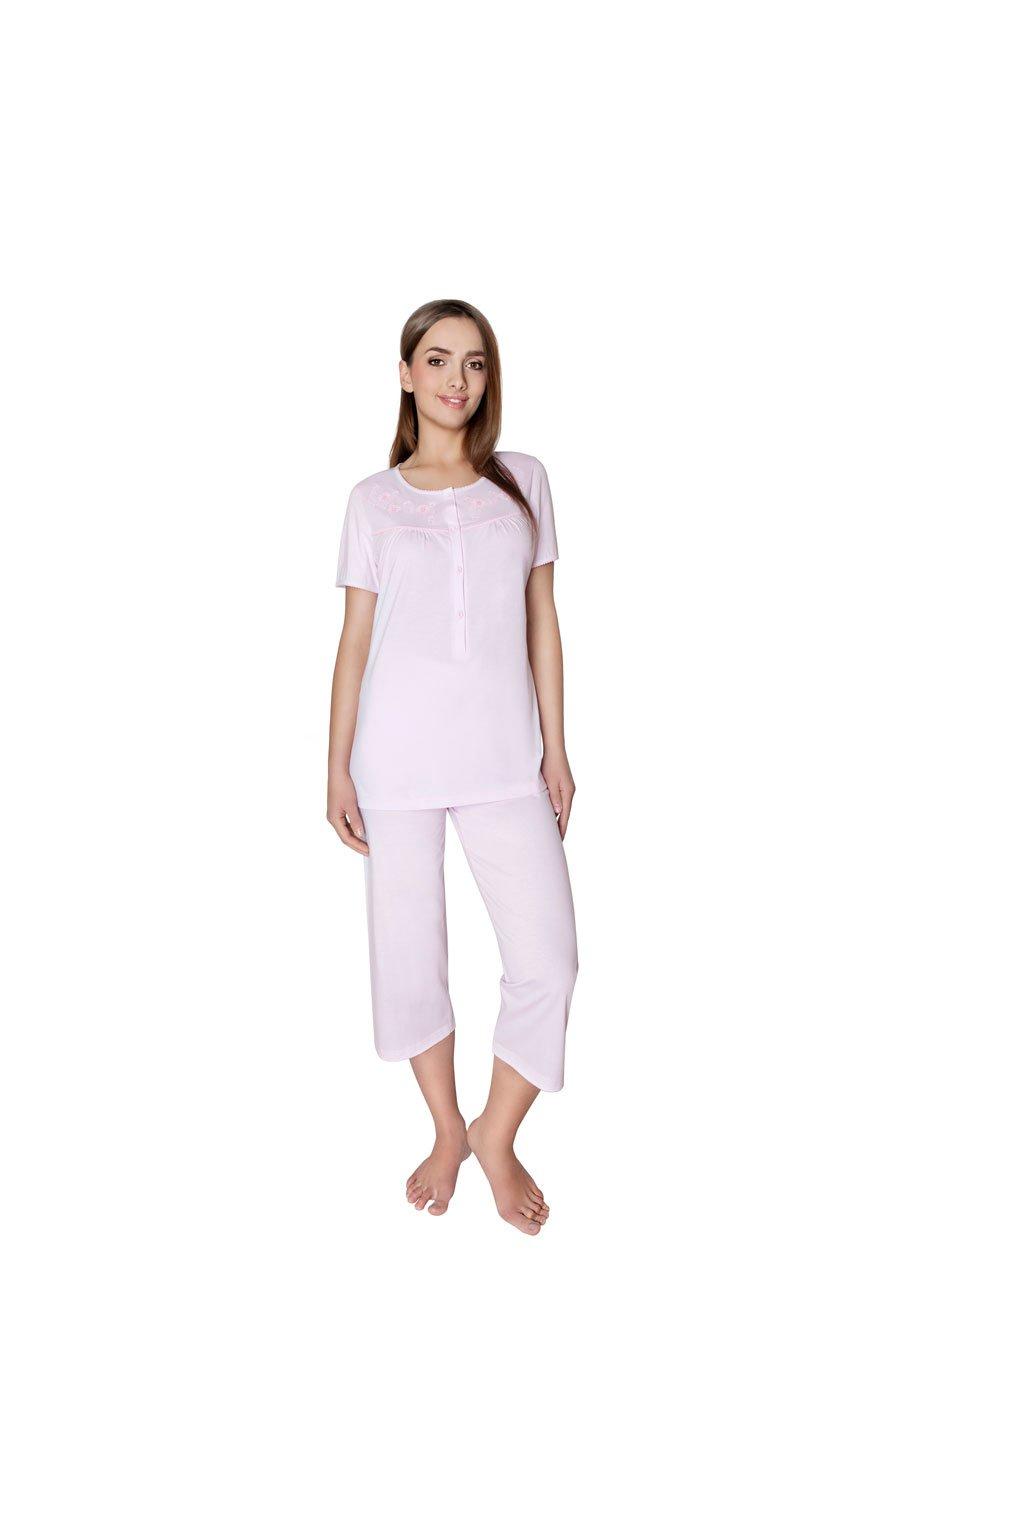 Dámské pyžamo s krátkým rukávem a 3/4 nohavicemi, 104177 225, růžová